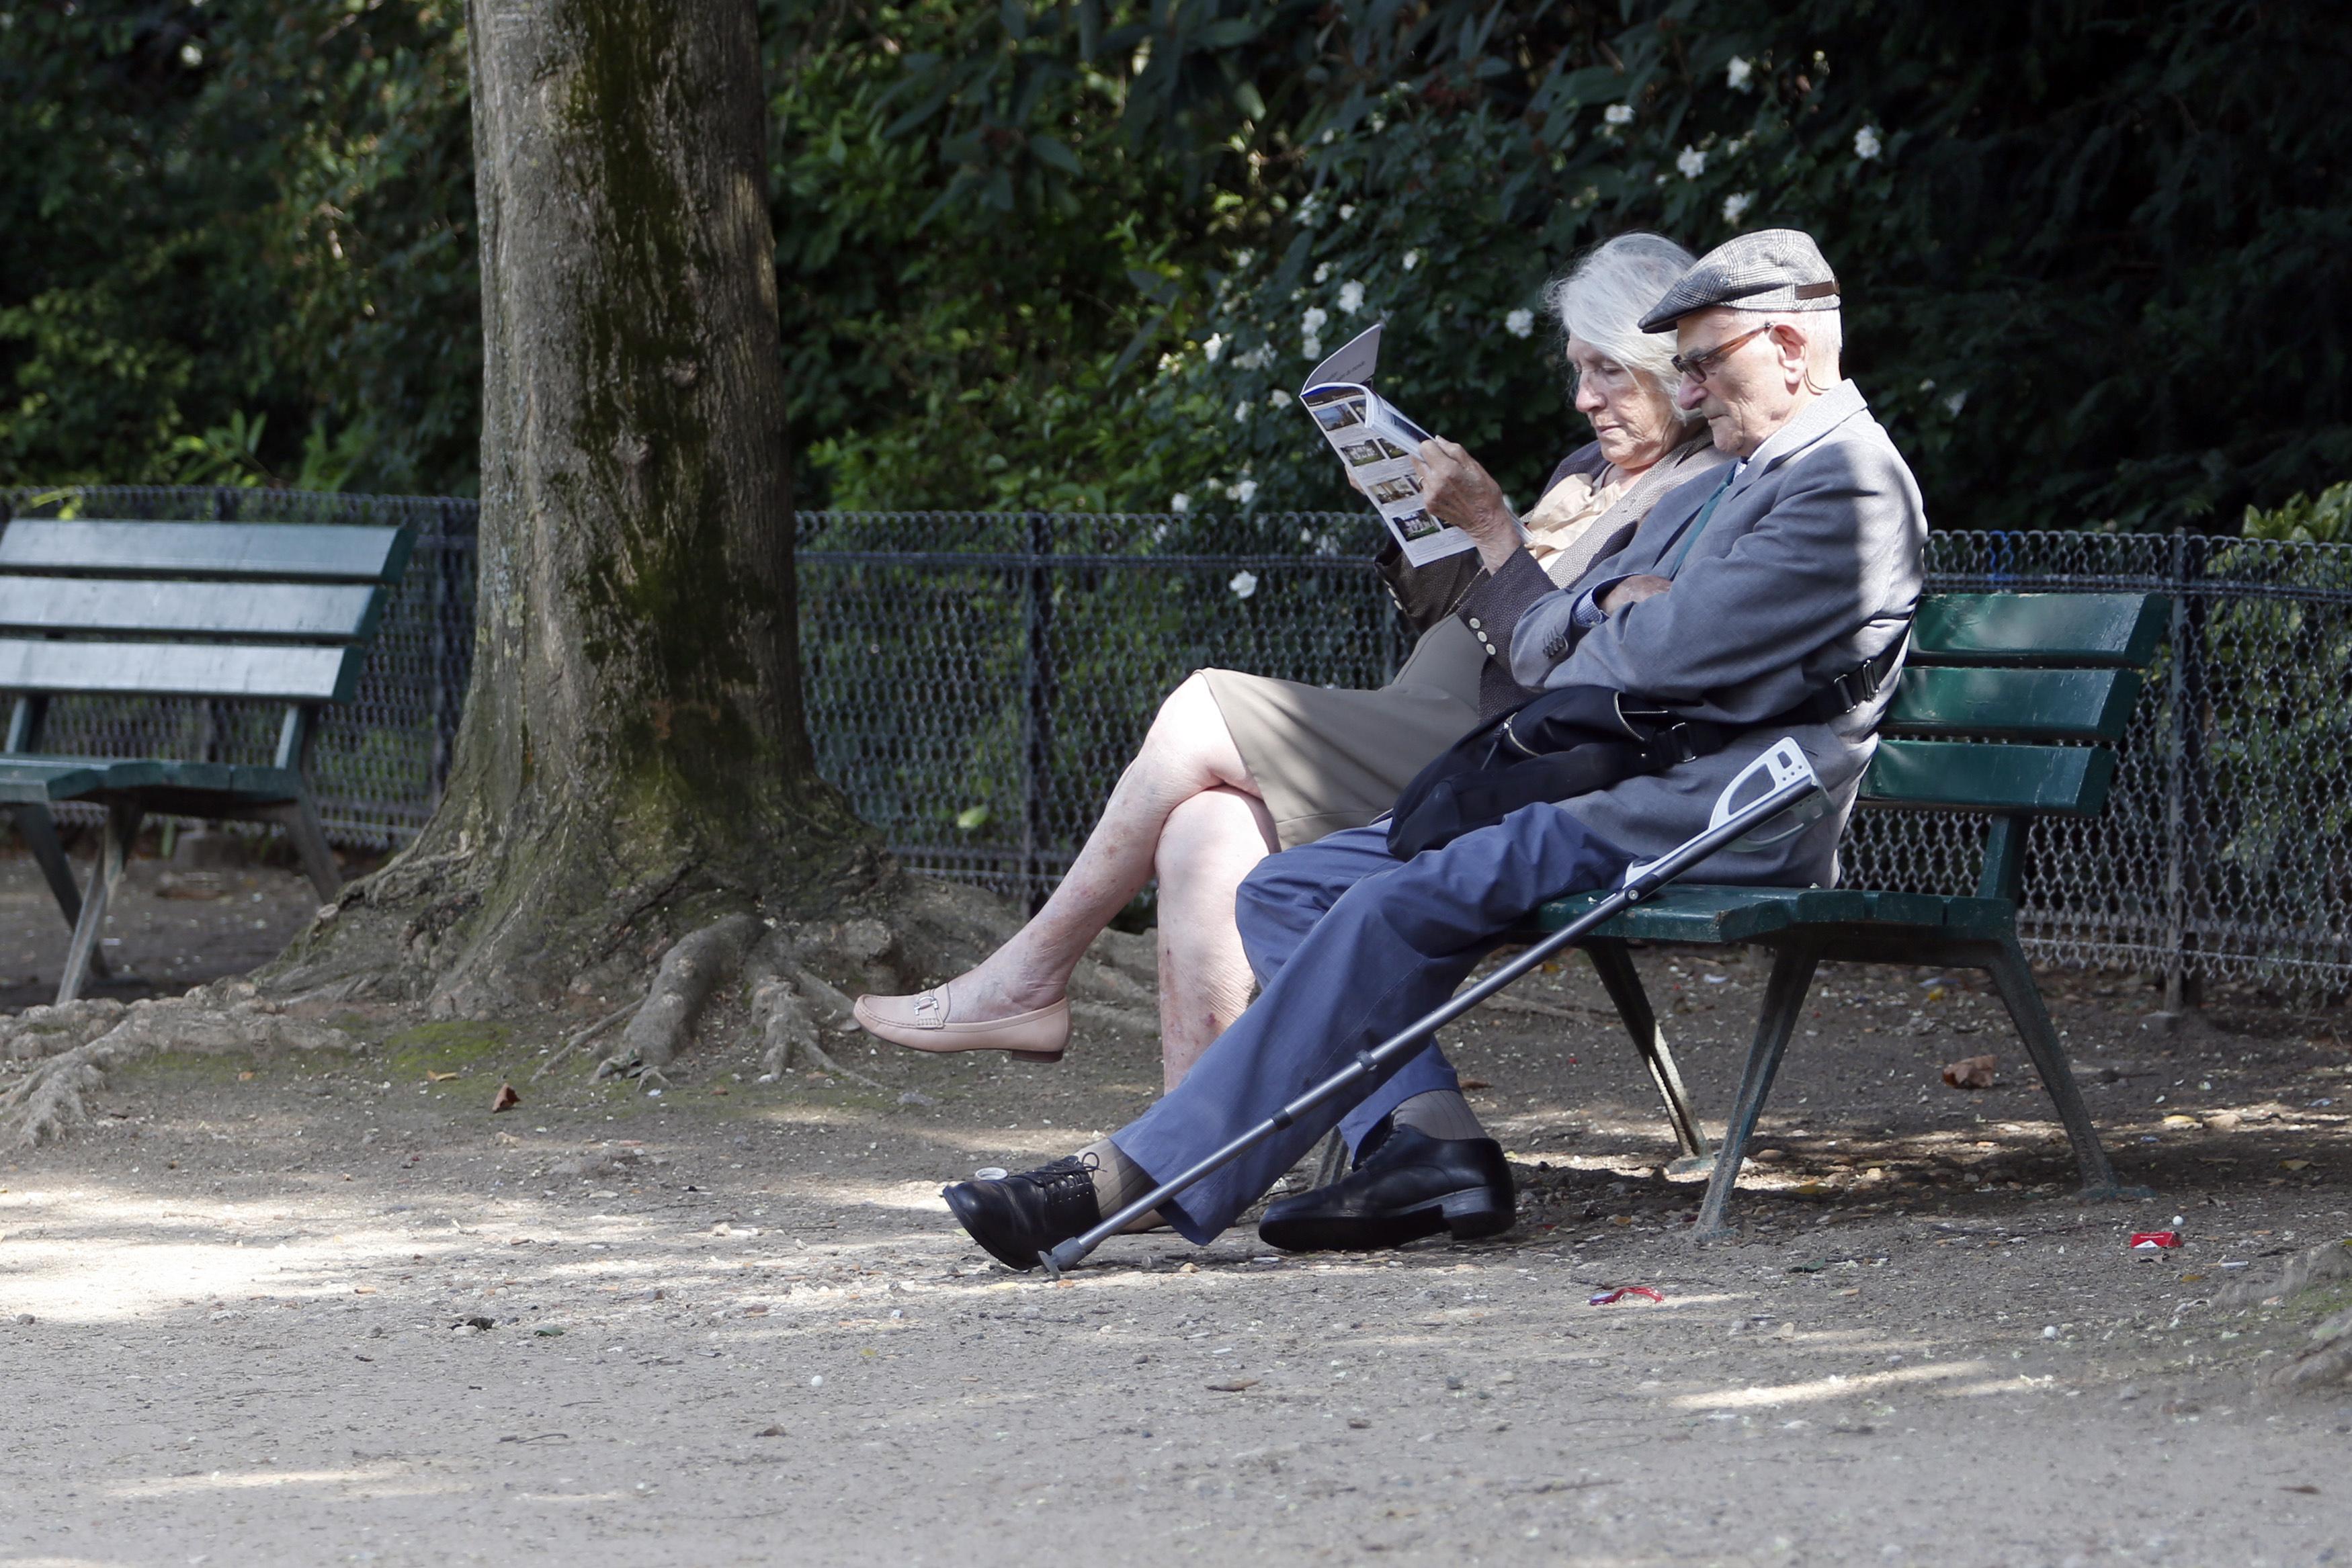 L'espérance de vie en Espagne est de 83,3 ans, la plus élevée de l'UE (étude)